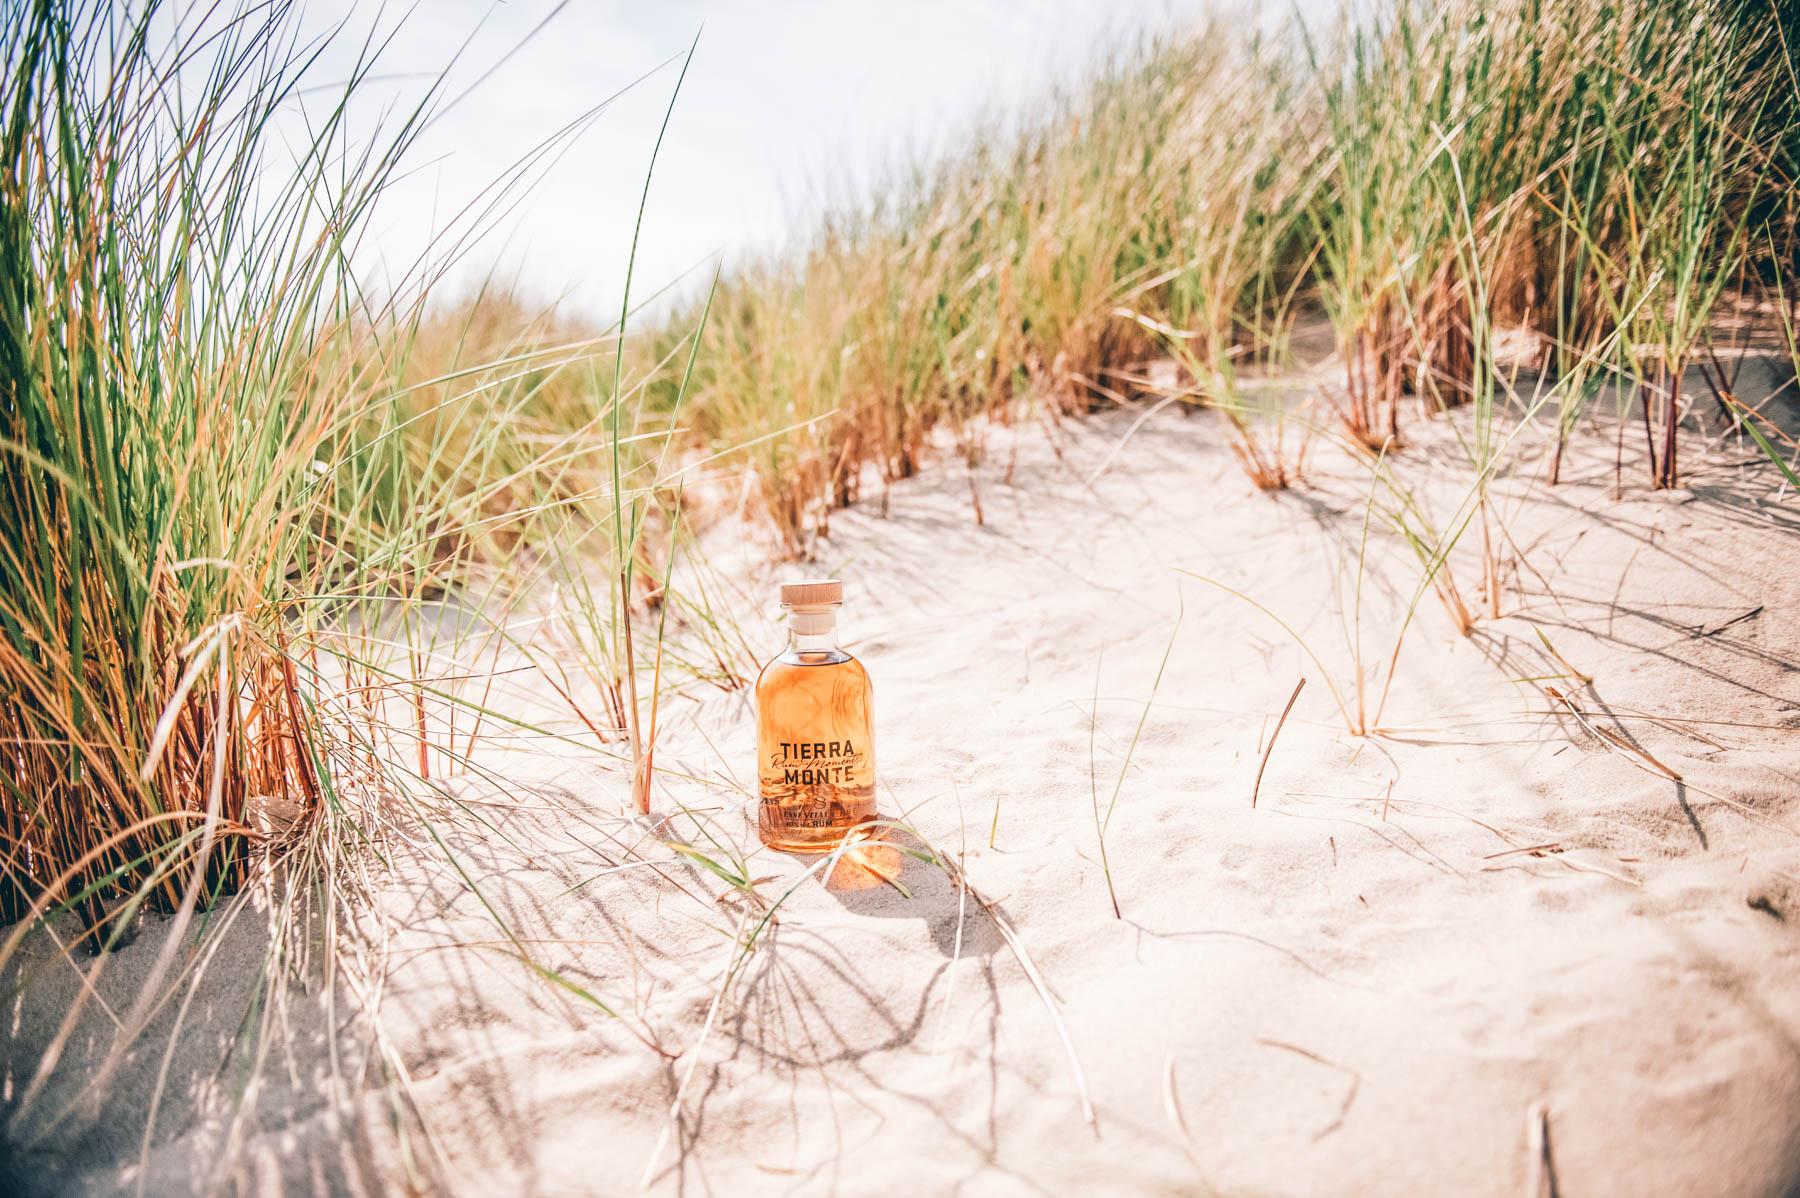 Urlaubsfeeling pur und im Glas. Cheers! – ©Tierra Monte